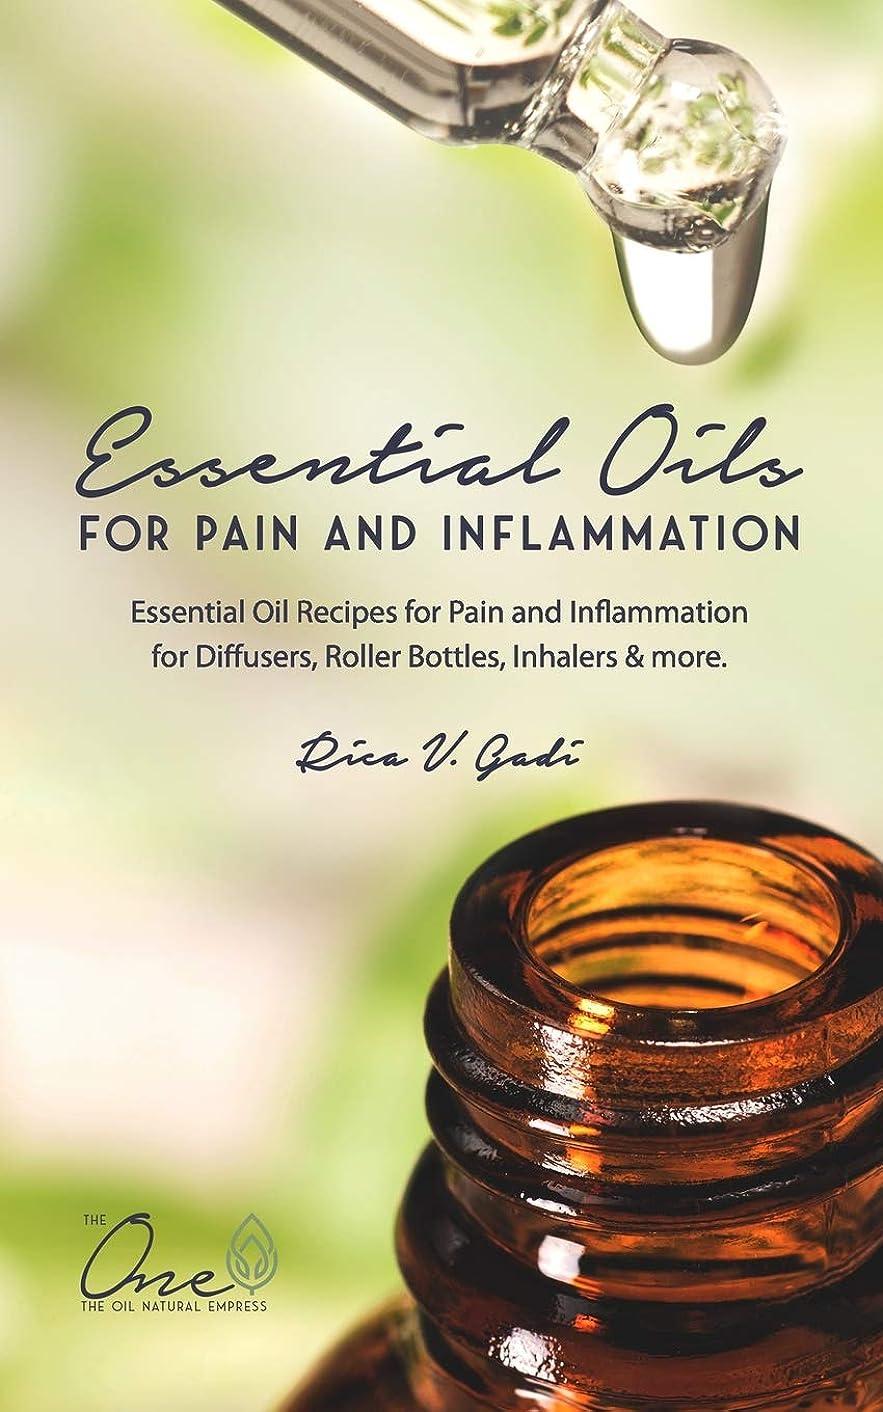 移住する感謝する裸Essential Oils for Pain and Inflammation: Essential Oil Recipes for Pain and Inflammation for Diffusers, Roller Bottles, Inhalers & more.